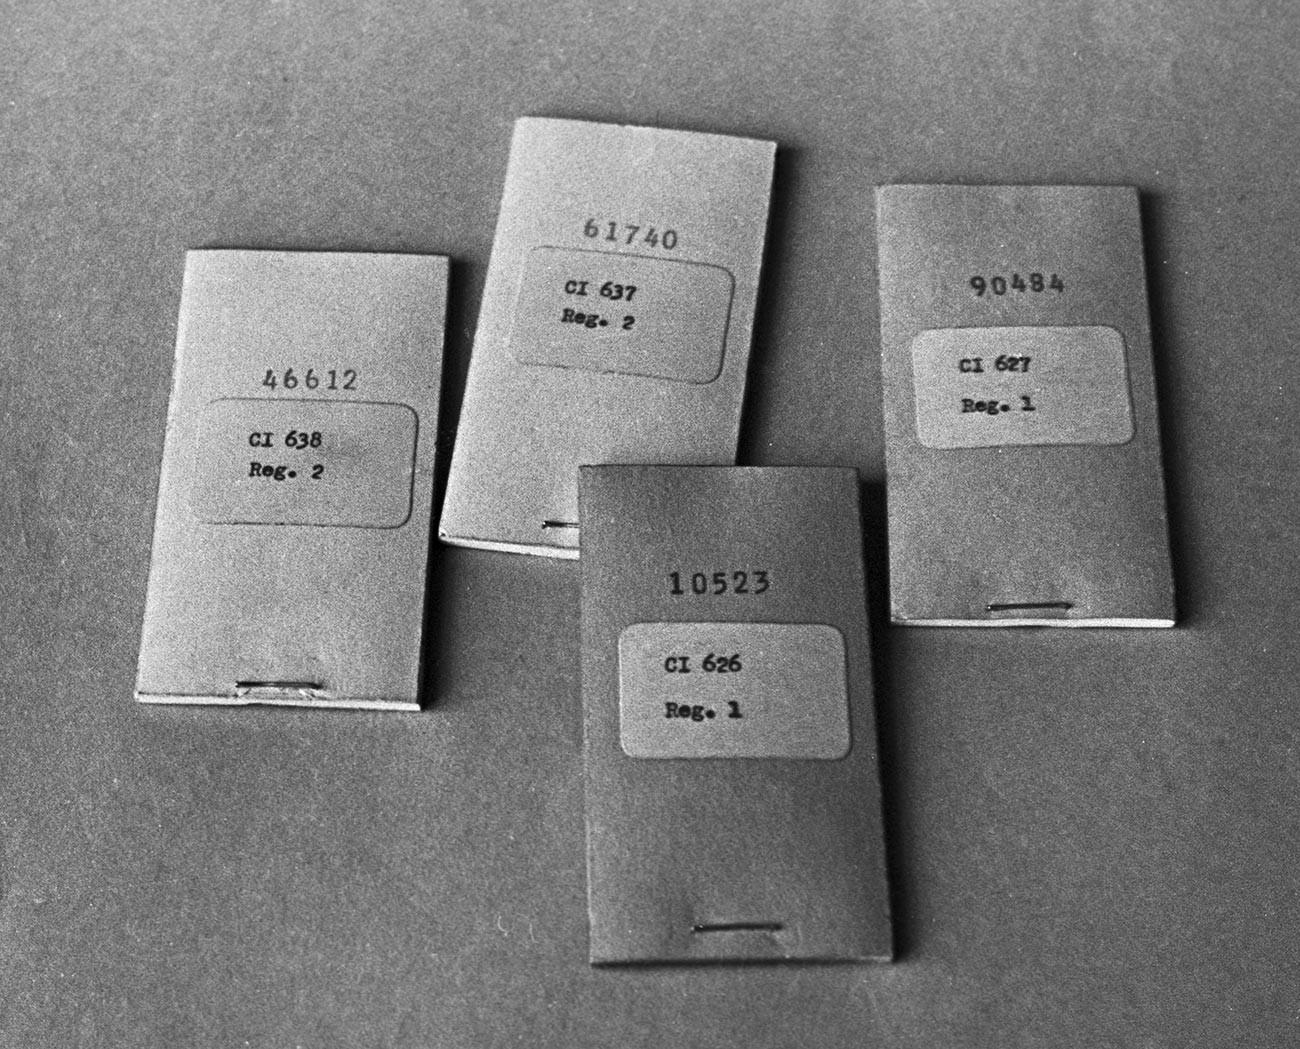 Шифровальные блокноты, принадлежавшие полковнику советской военной разведки Олегу Пеньковскому.